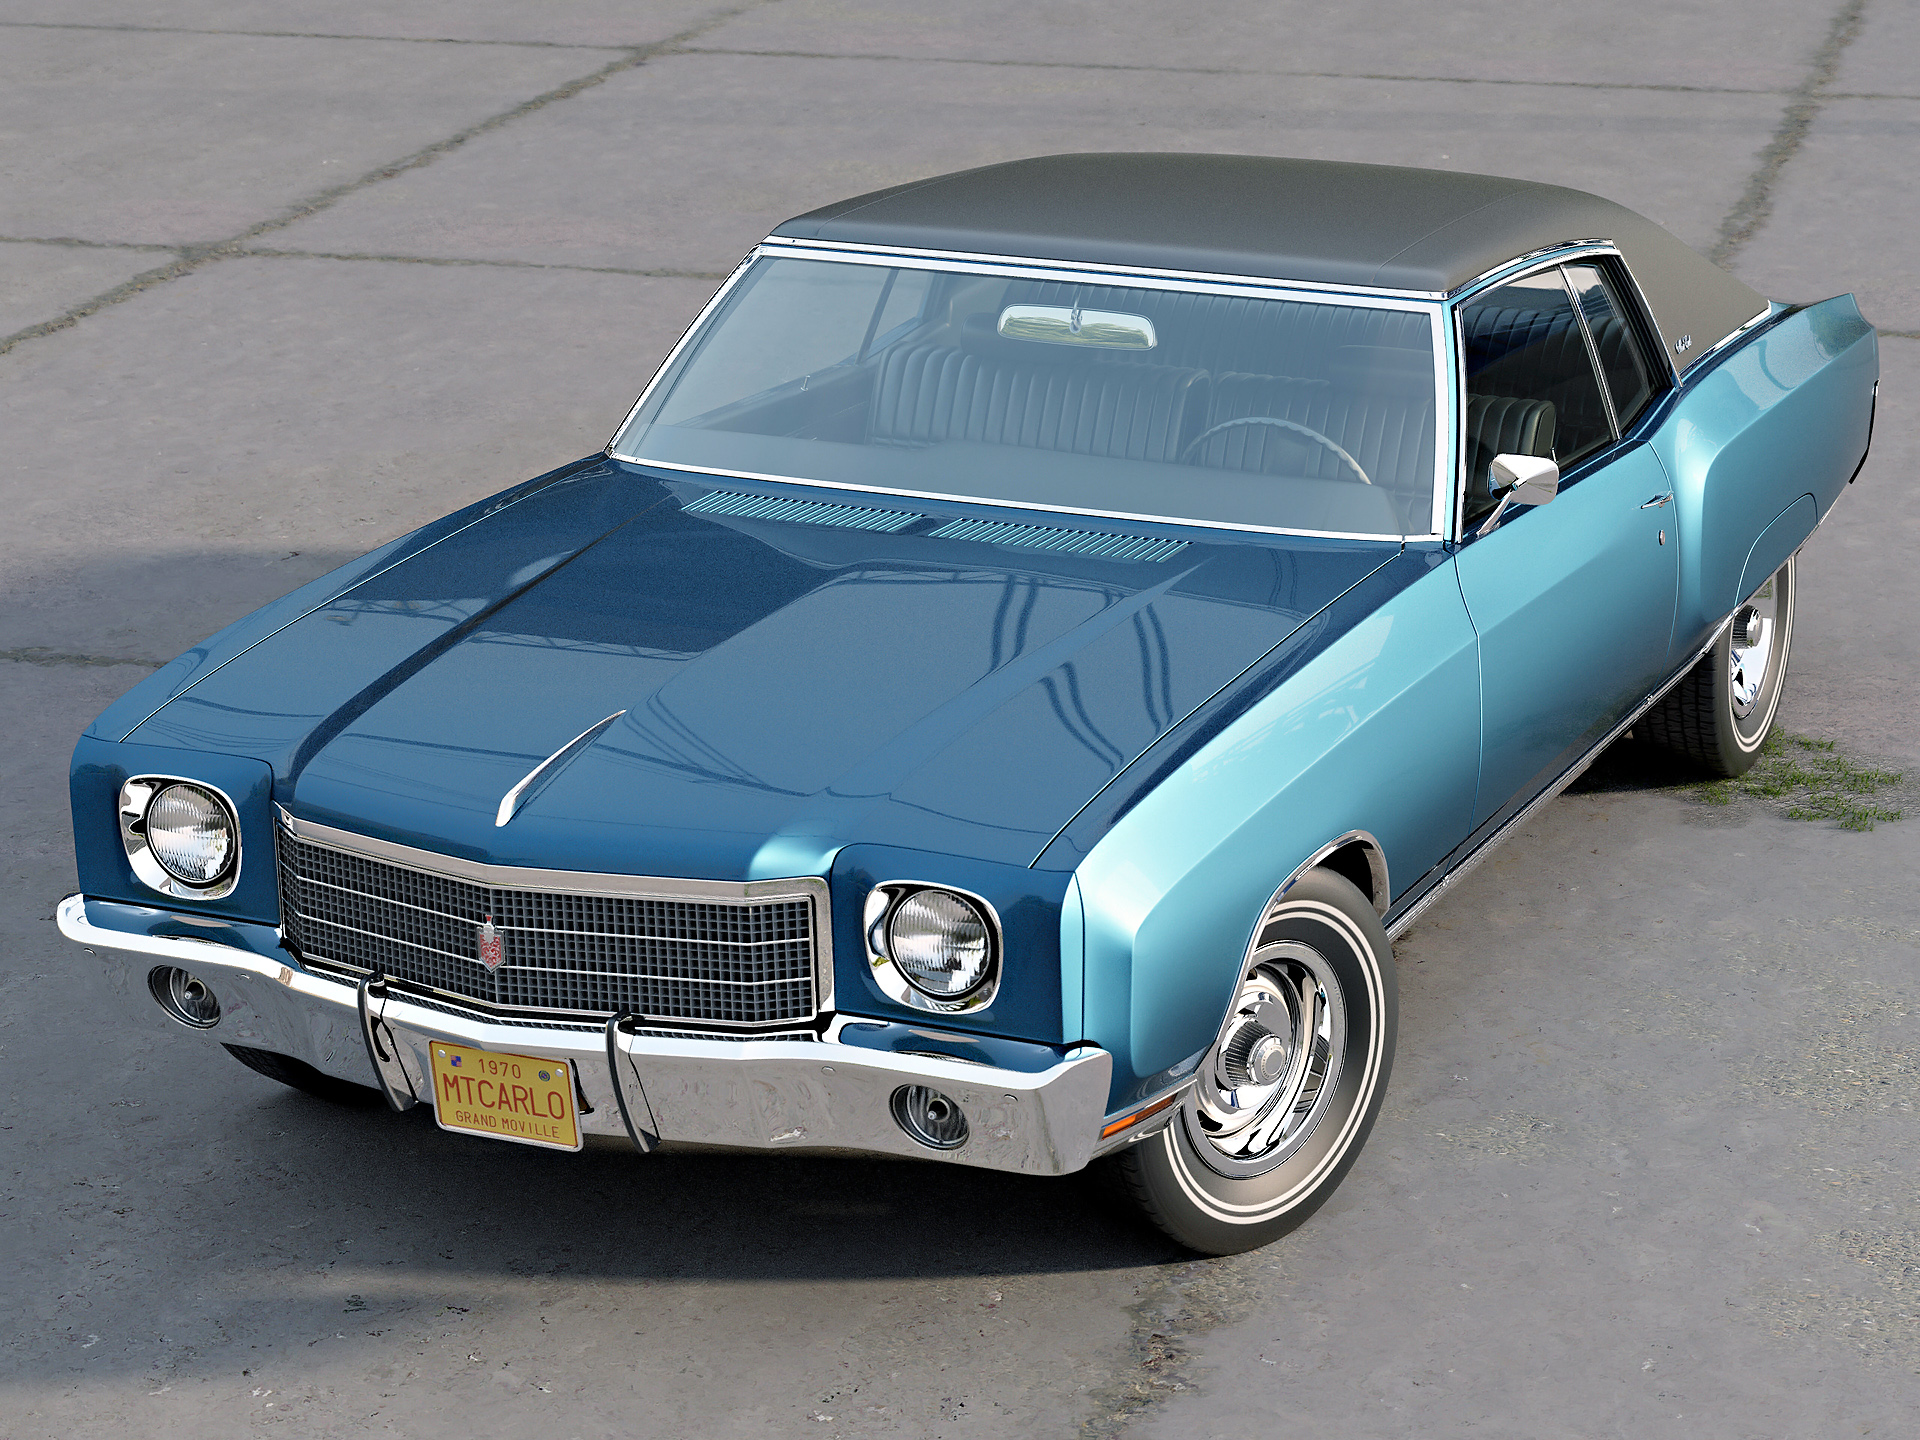 monte carlo coupe 1970 3d model 3ds max fbx c4d obj 282685